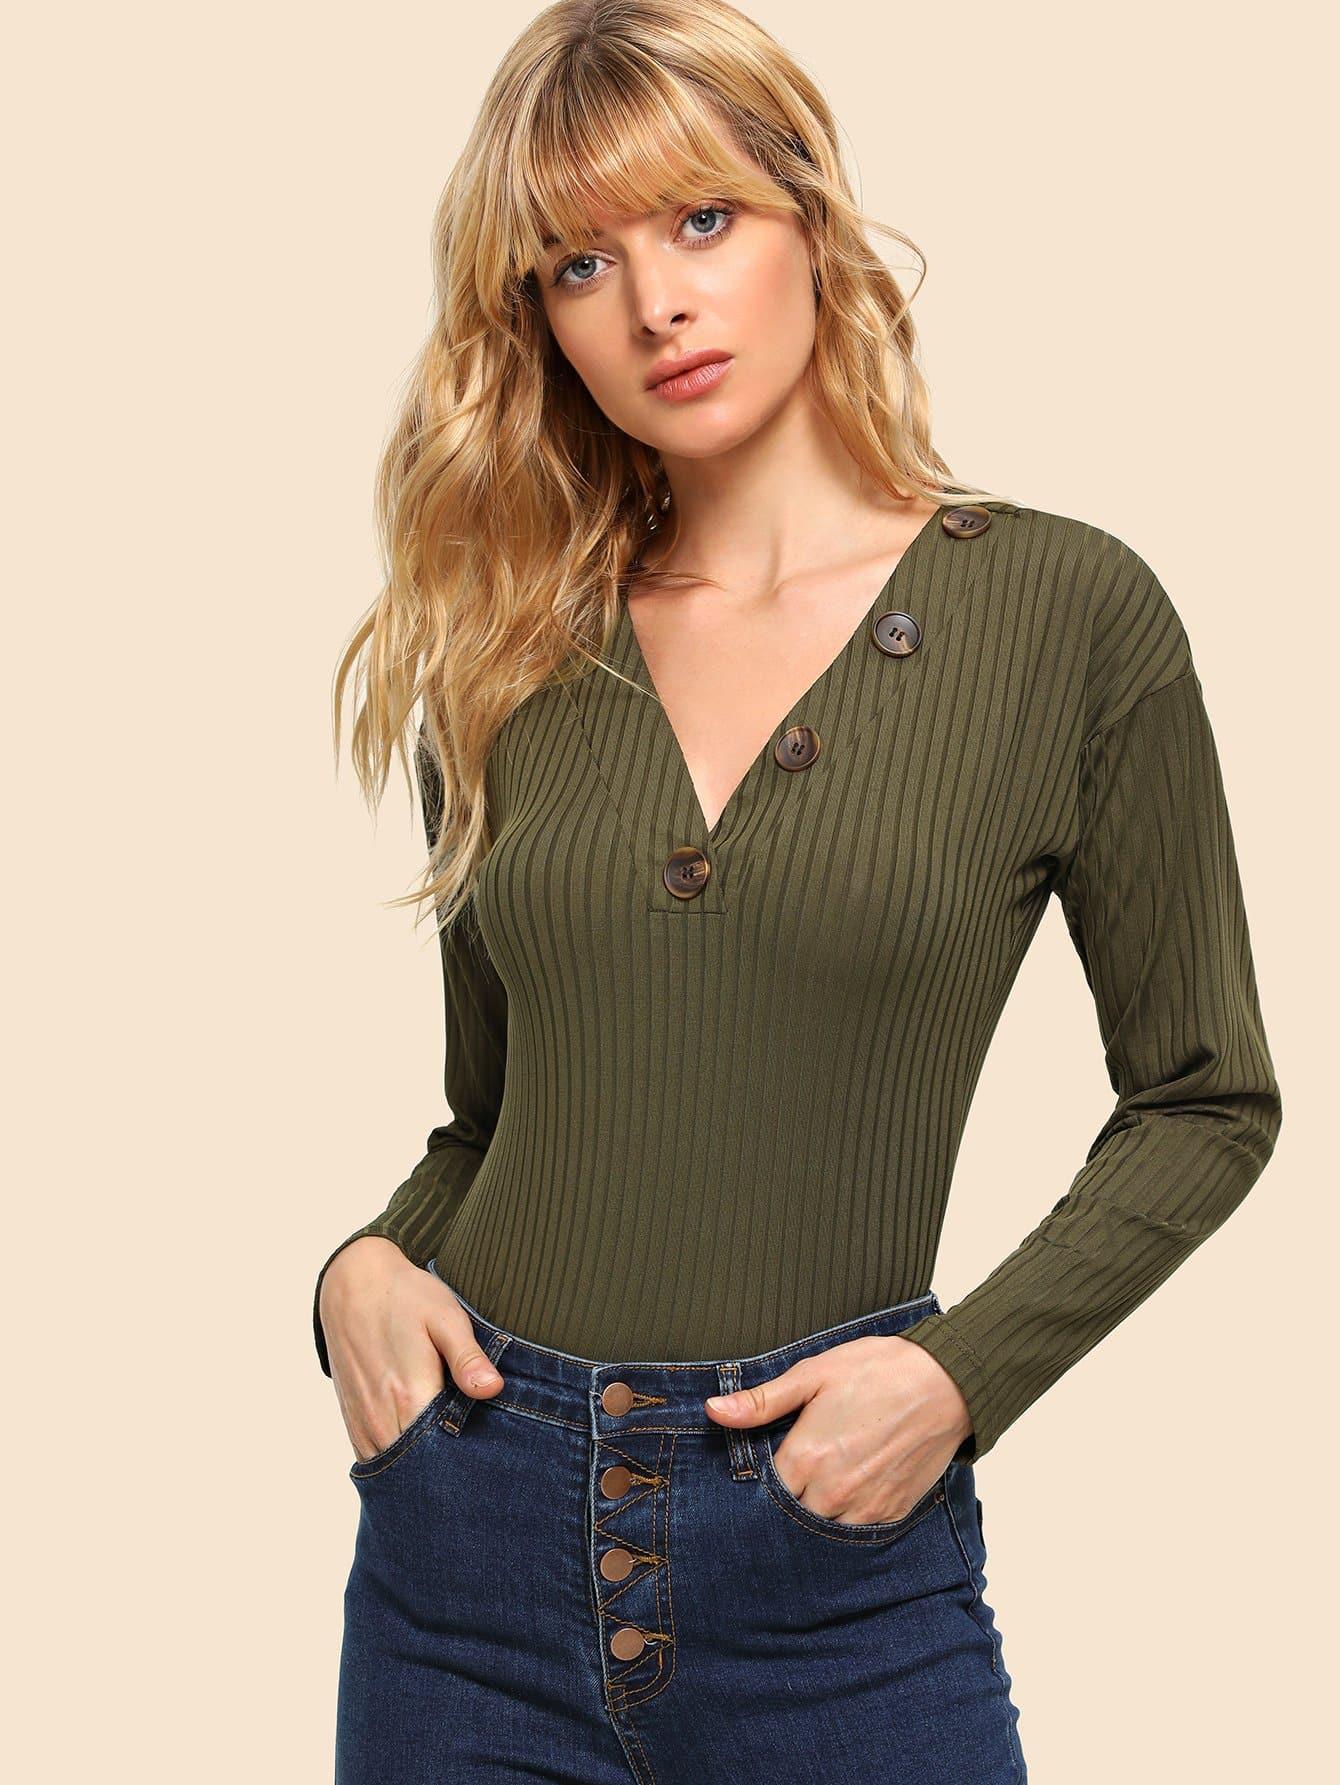 Купить 80 'S вязанная футболка на пуговицах, Masha, SheIn